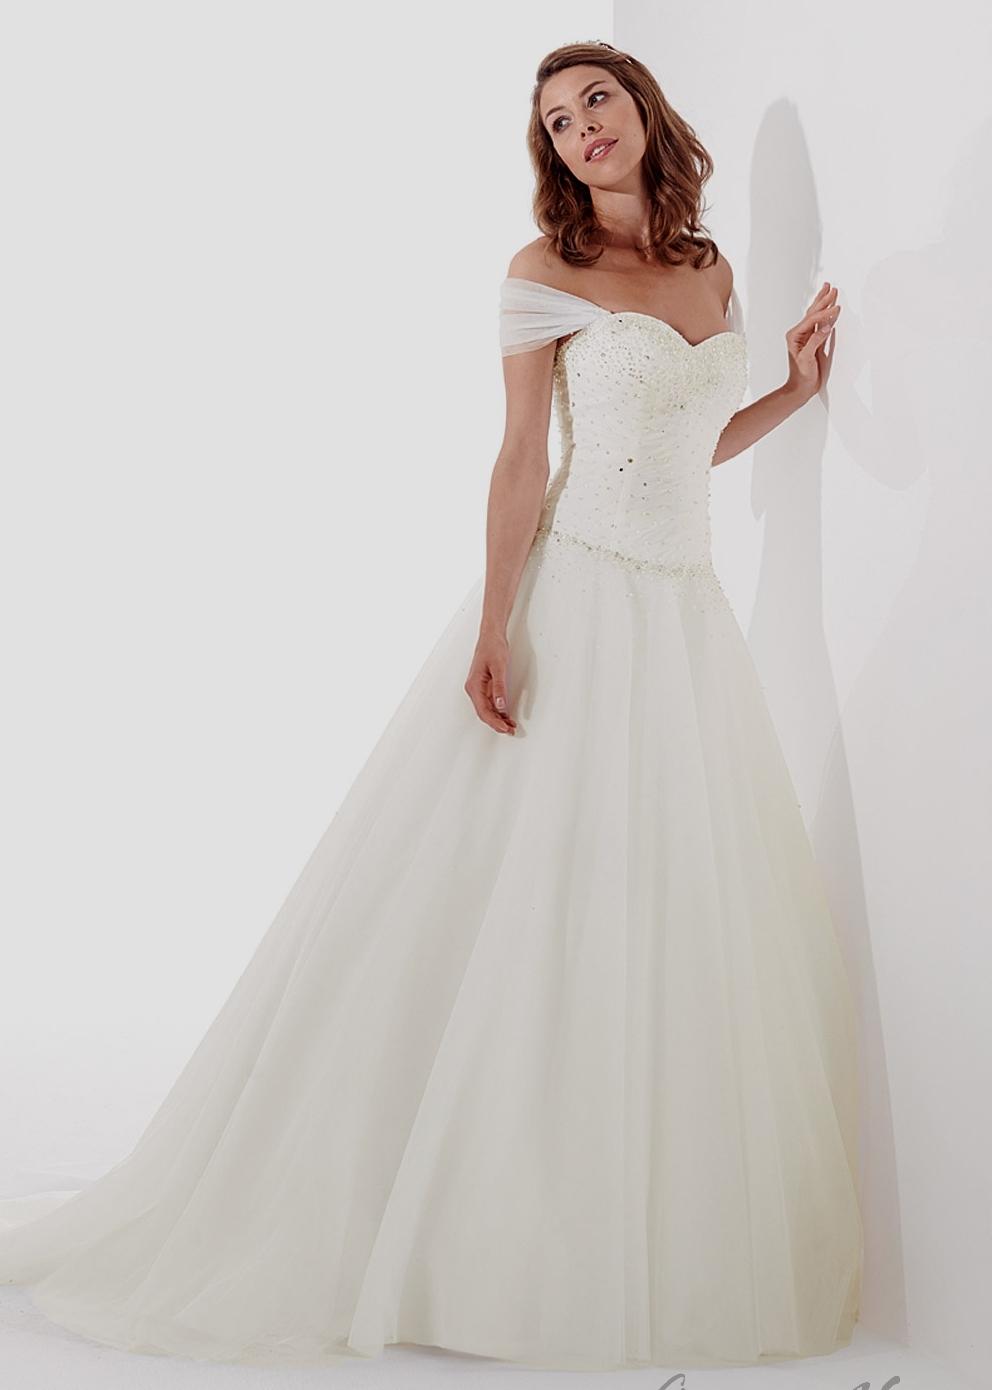 Hochzeitskleid Karin 531 - Typ: Brautkleid Karin 531